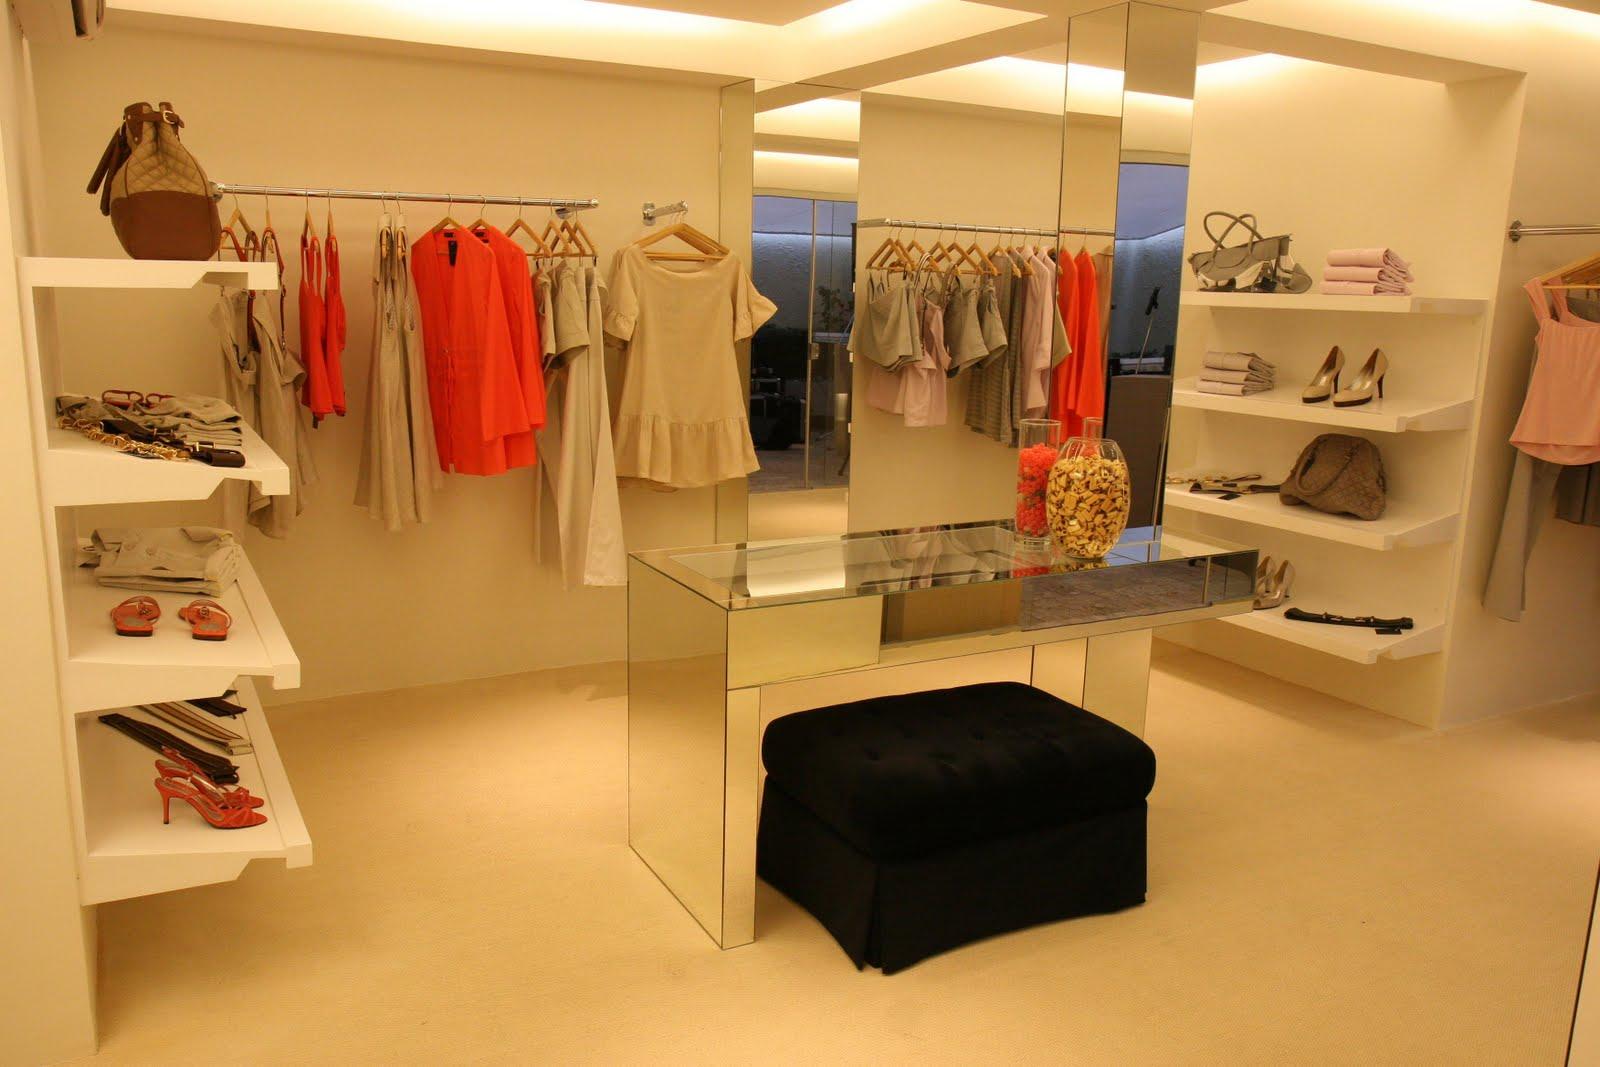 accbc511b55da Decoração De Lojas De Roupas Pequenas - Decorar lojas de roupas 4 passos e 20  idéias